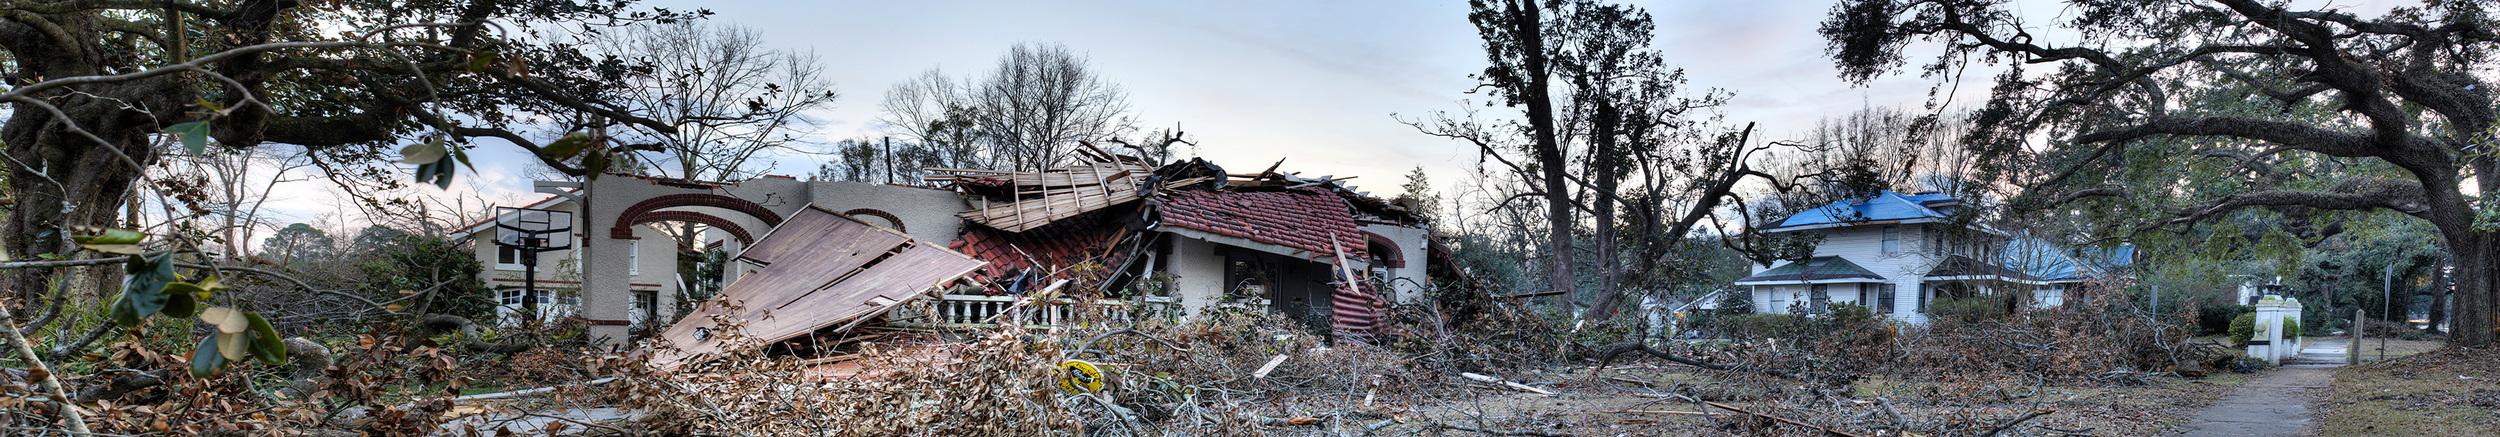 Mobile Alabama Christmas Twister Damaged Houses